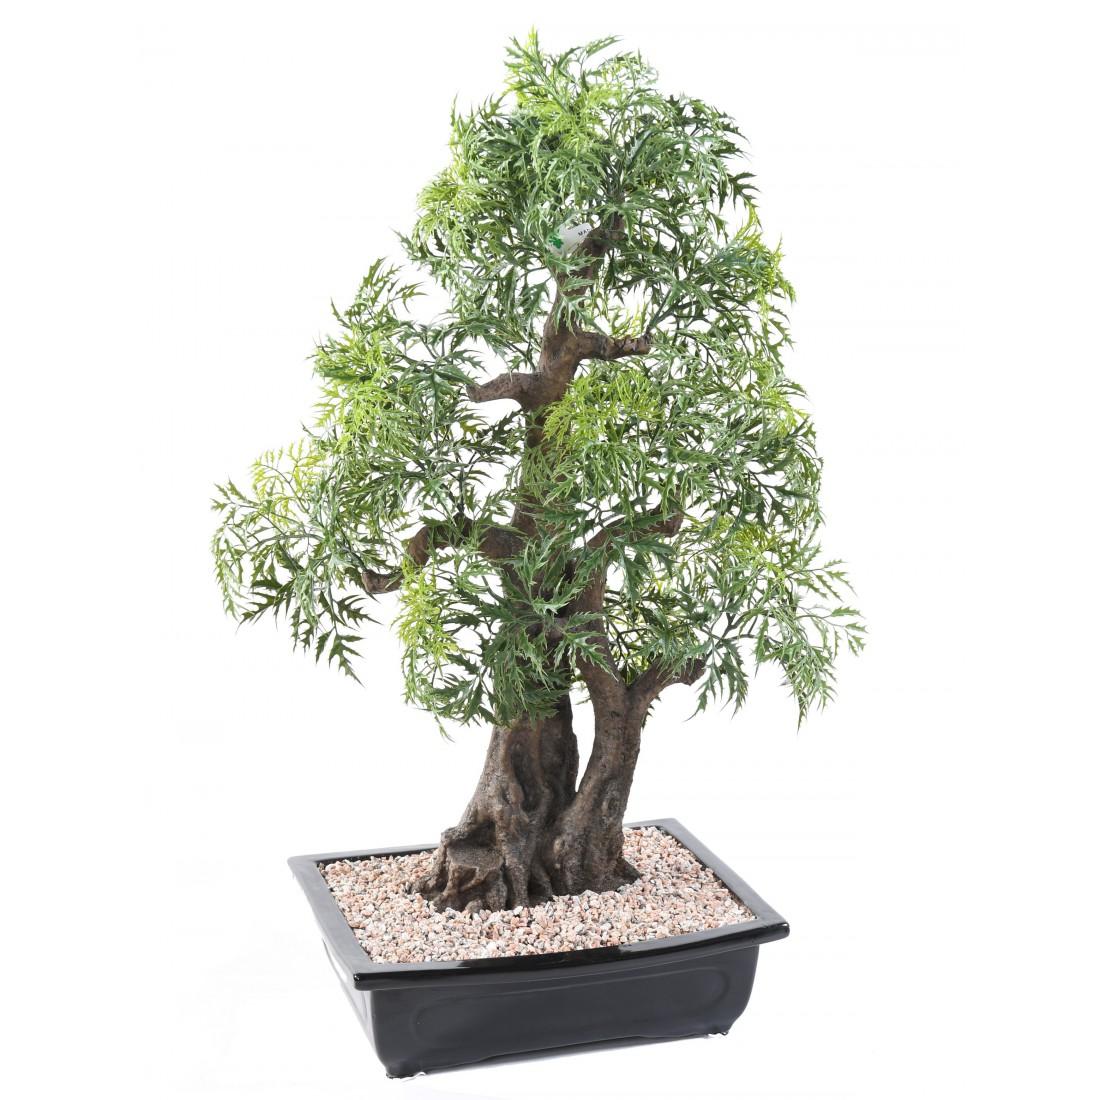 Bonsai artificiel aralia 80 cm bonsa s mini plantes for Plante artificielle grimpante